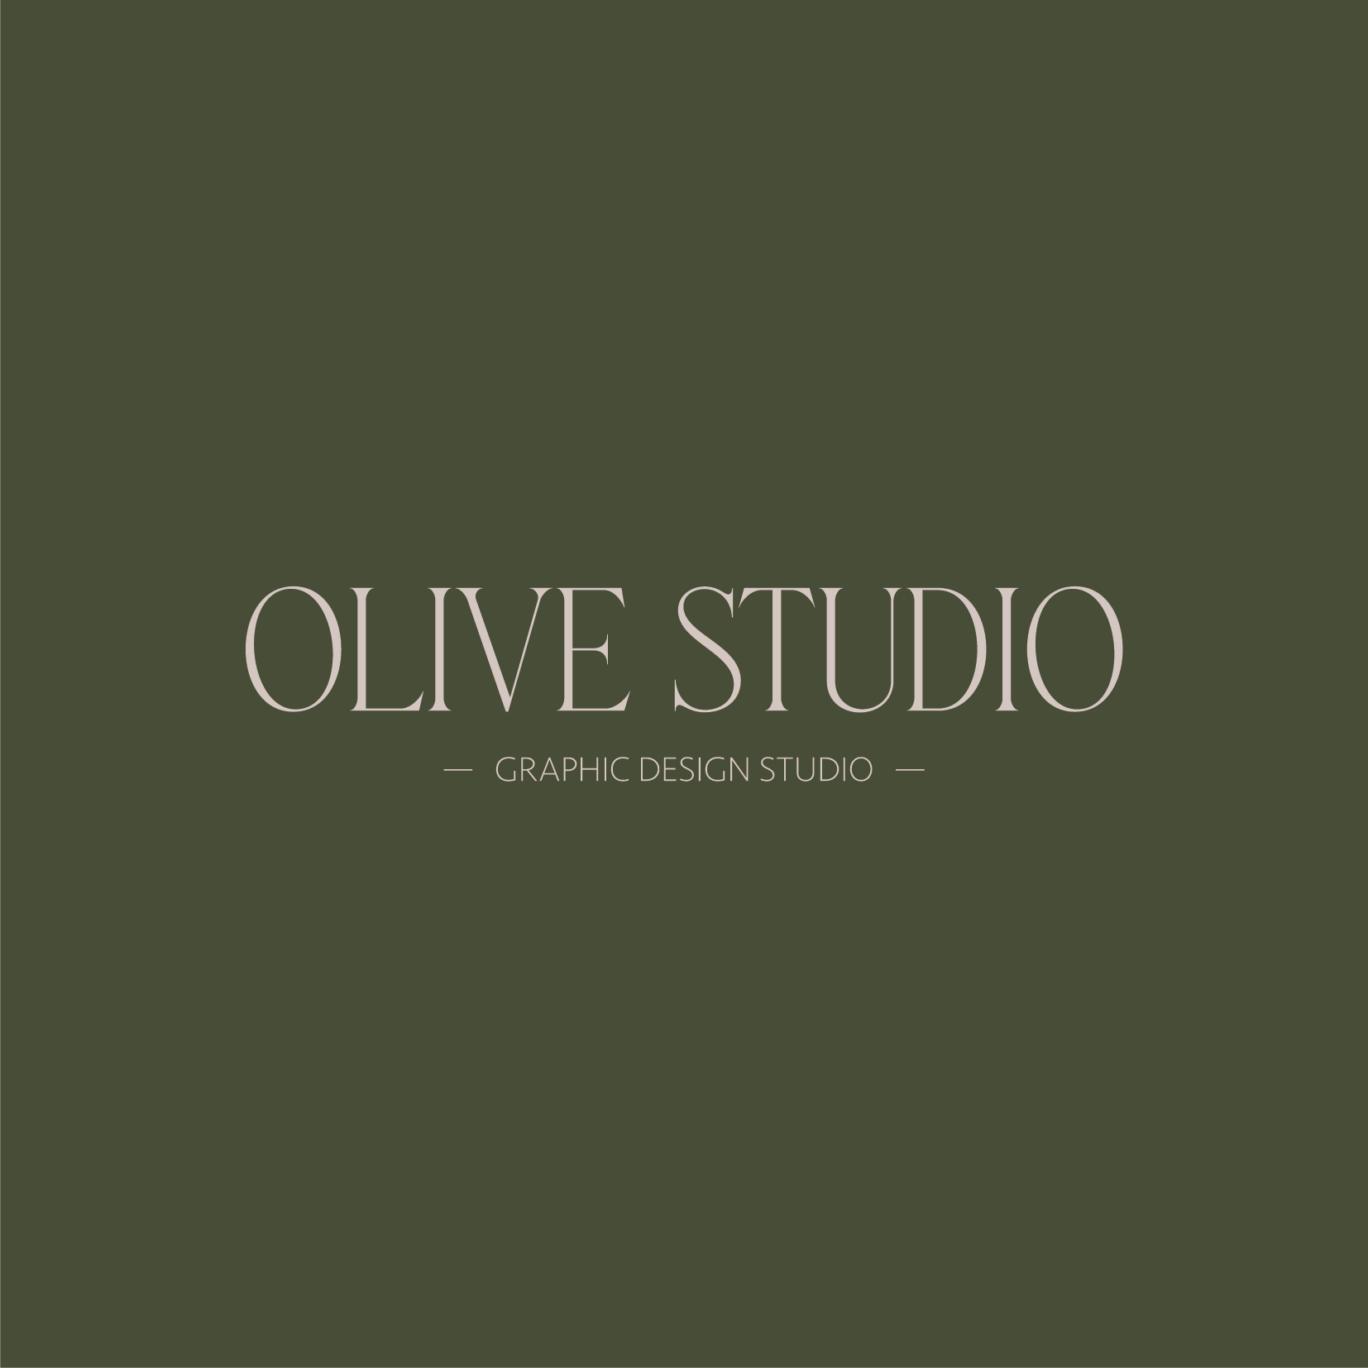 Olive Studio